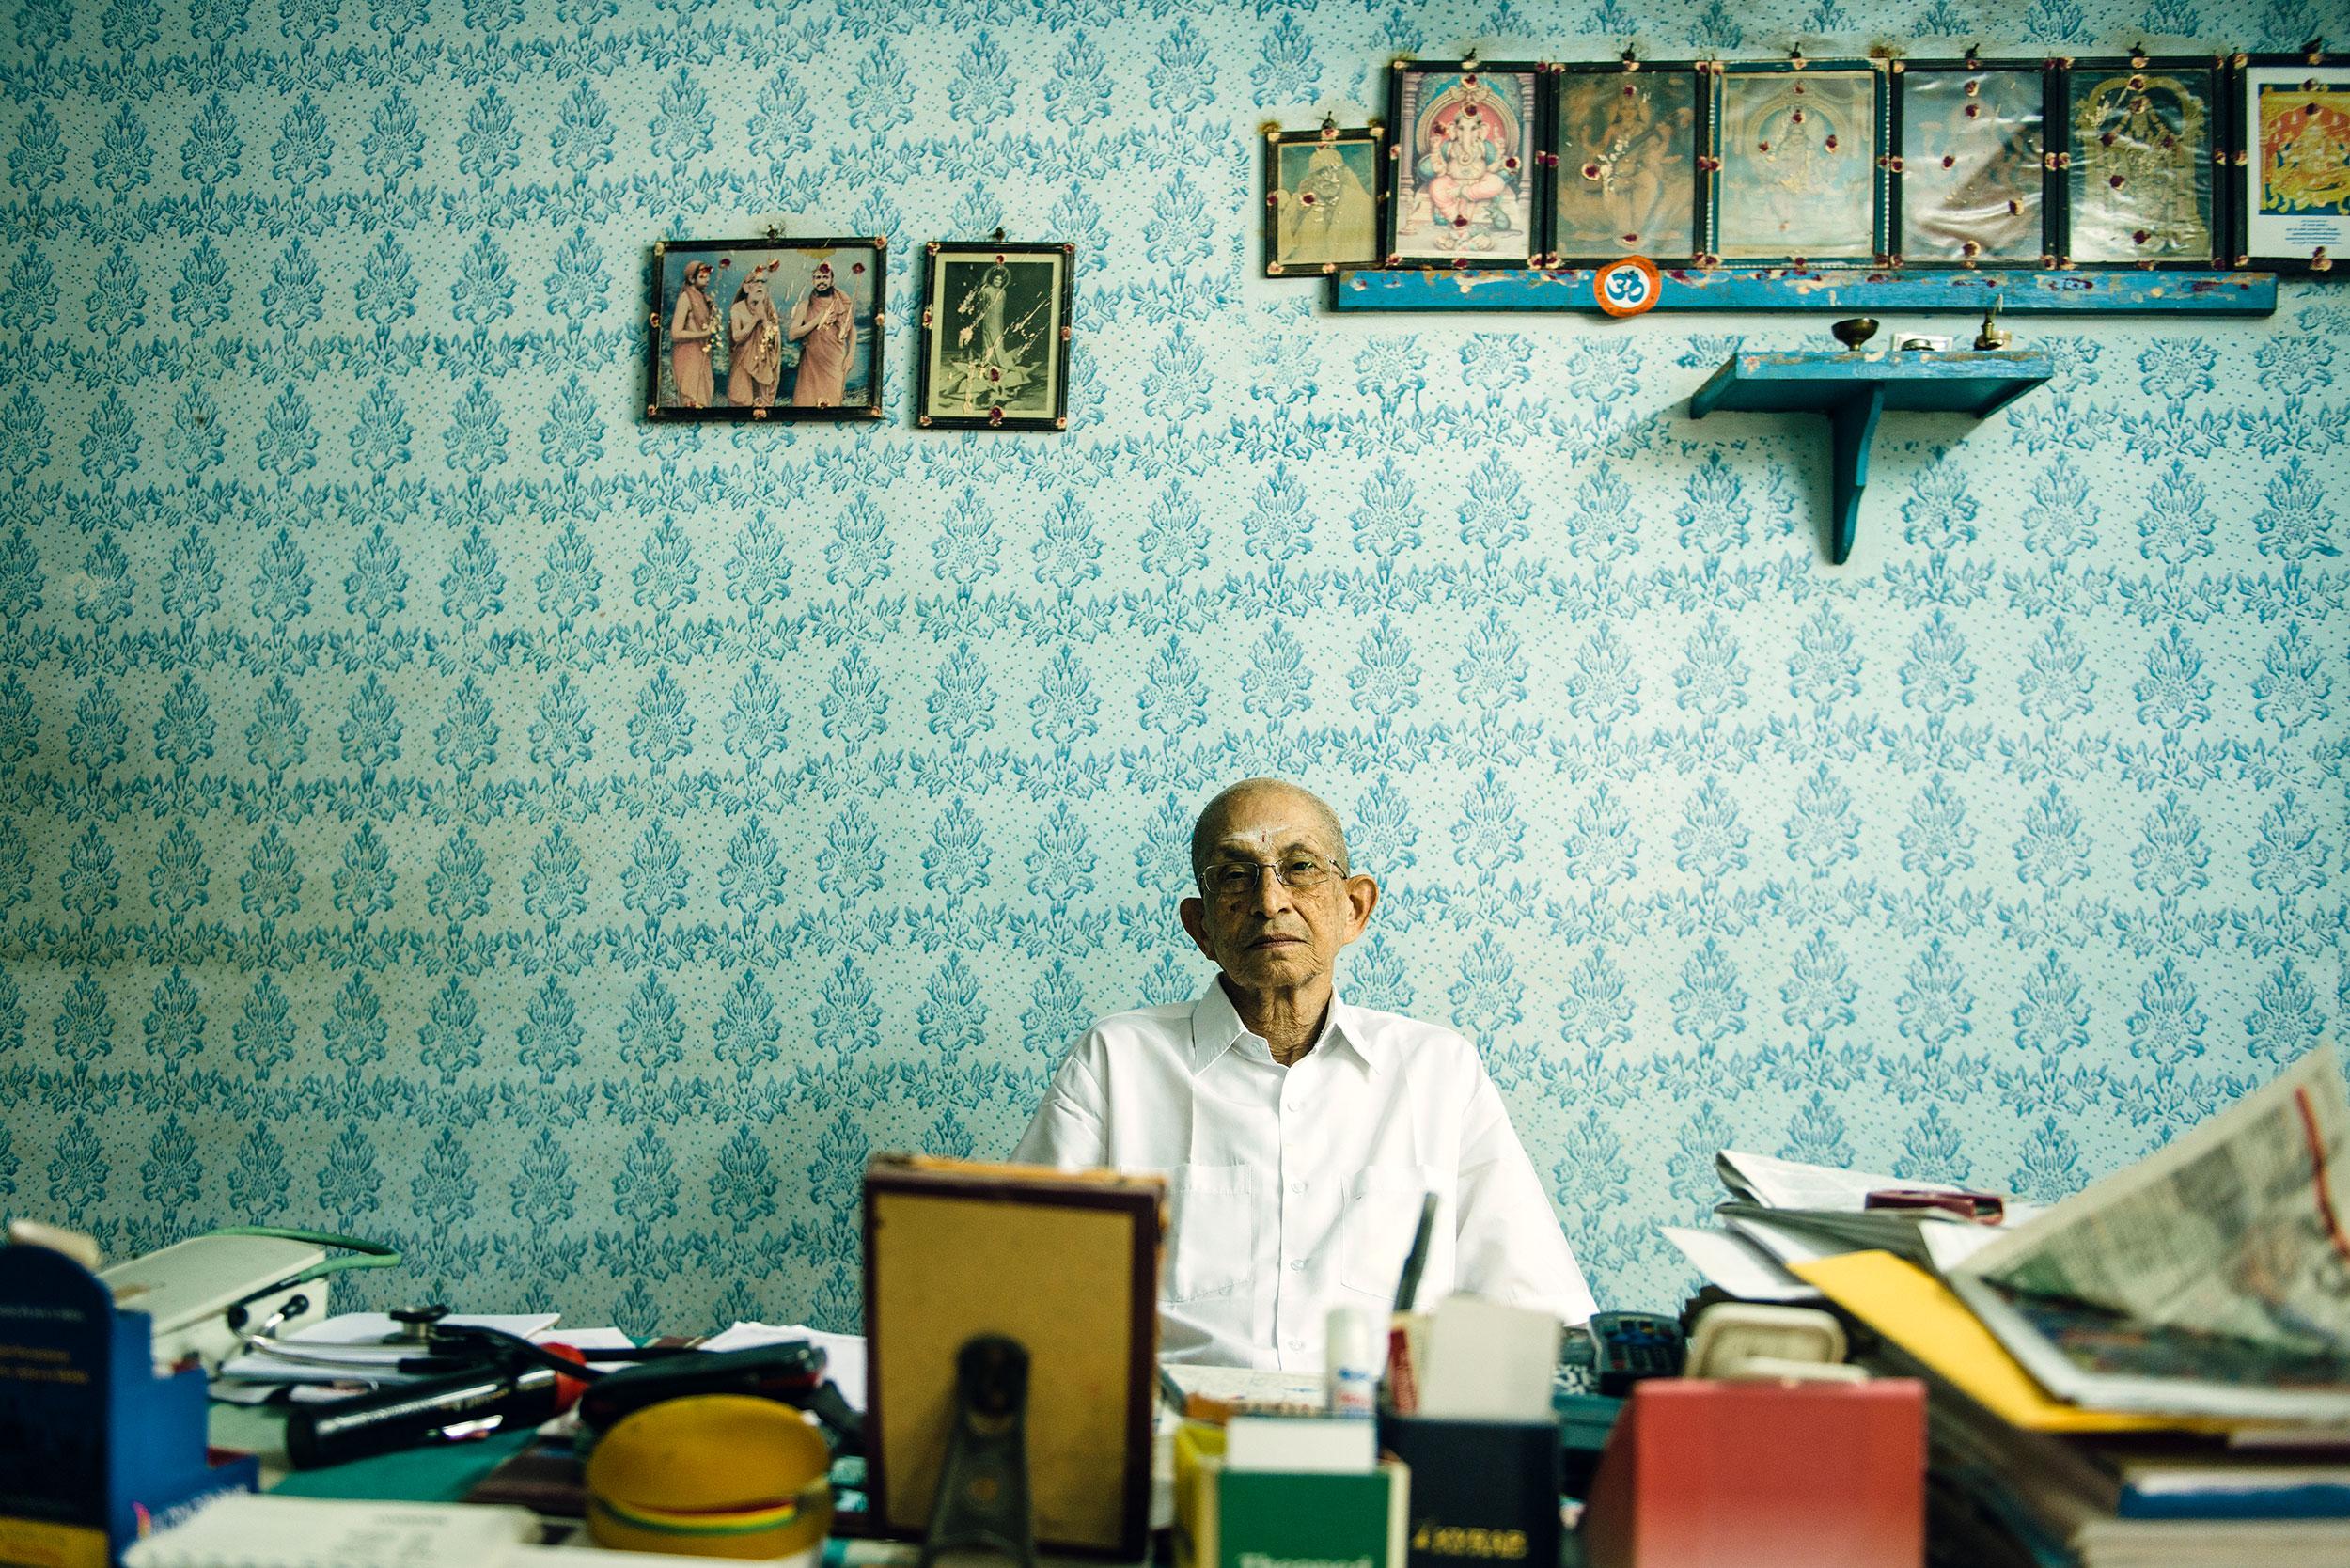 madhavan_palanisamy_chennai_portraits_39.jpg